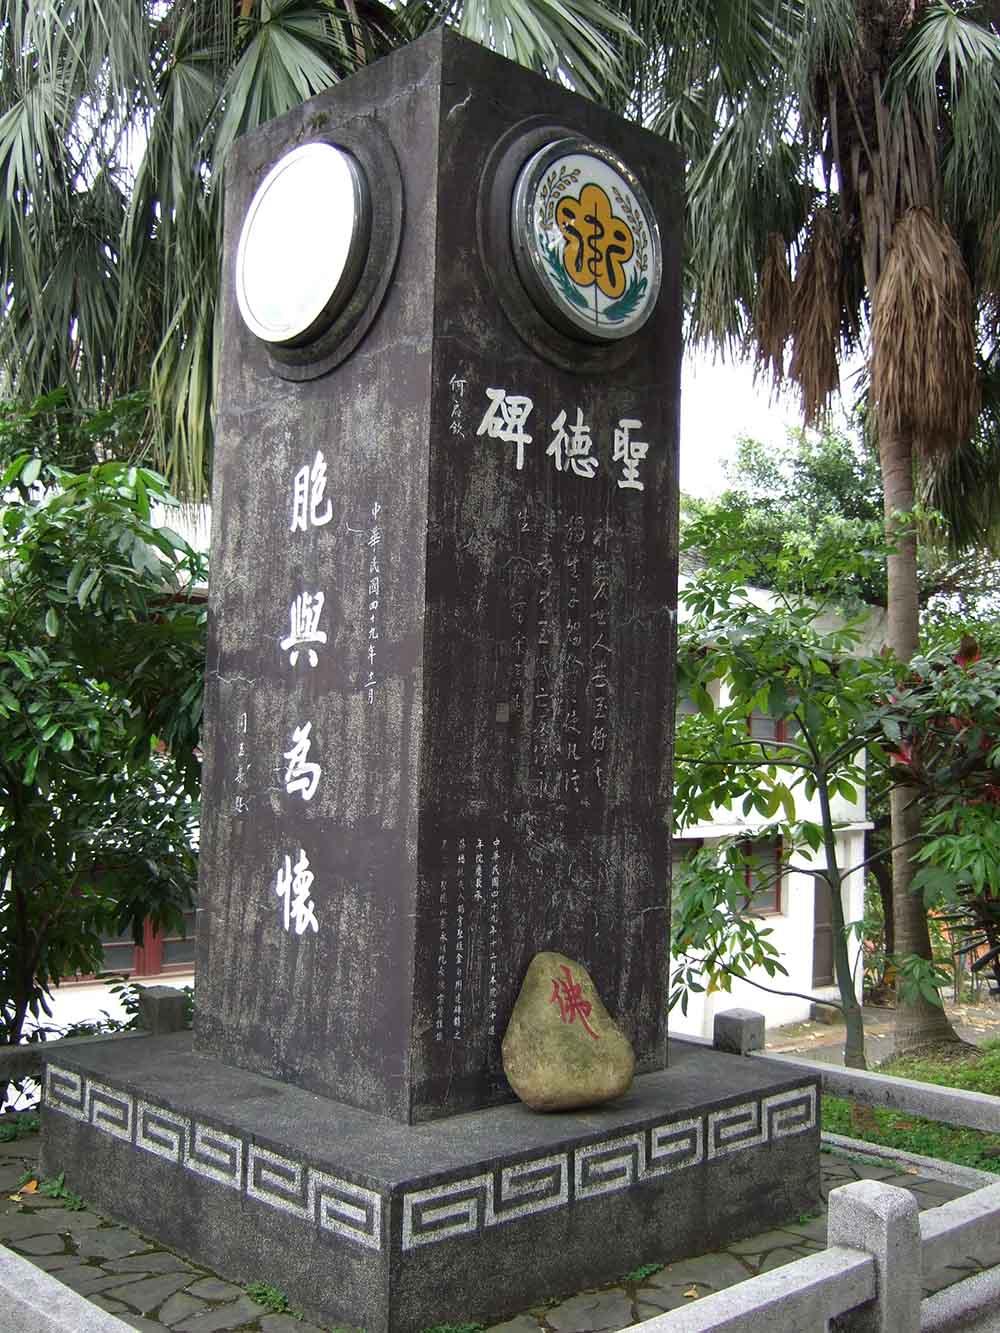 He Yingqin Memorial